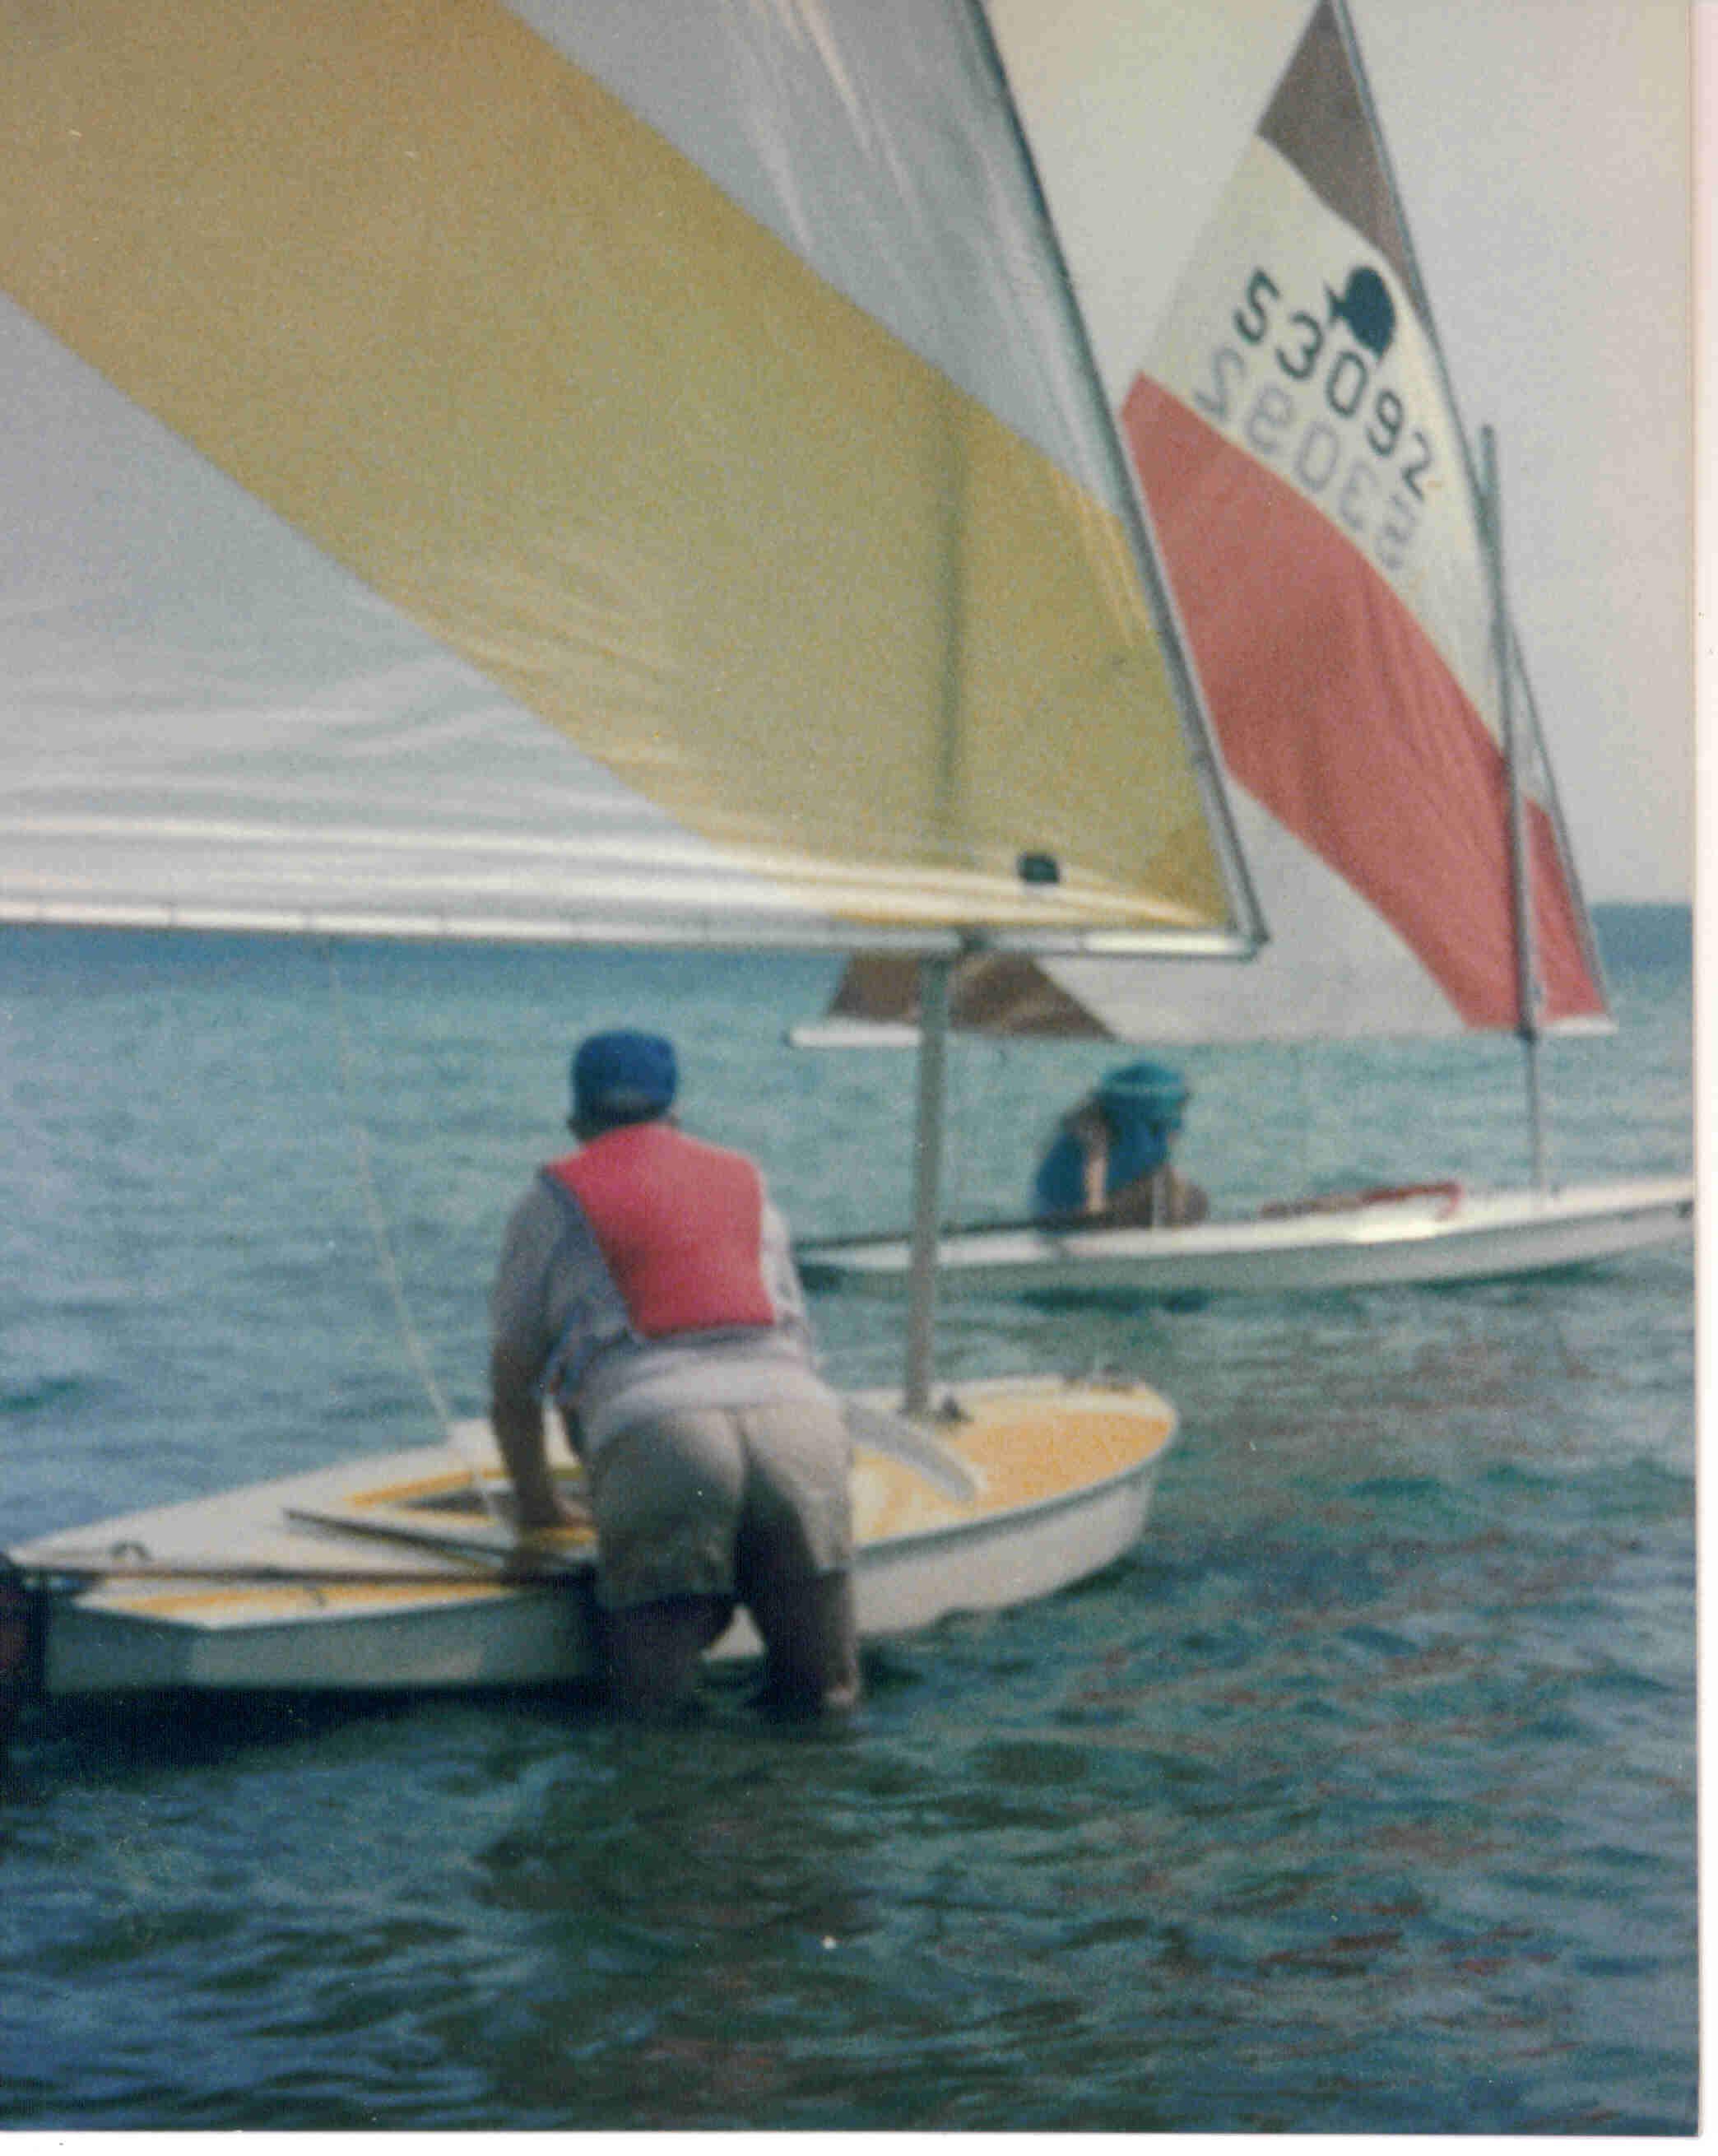 Sunfish race k105.jpg